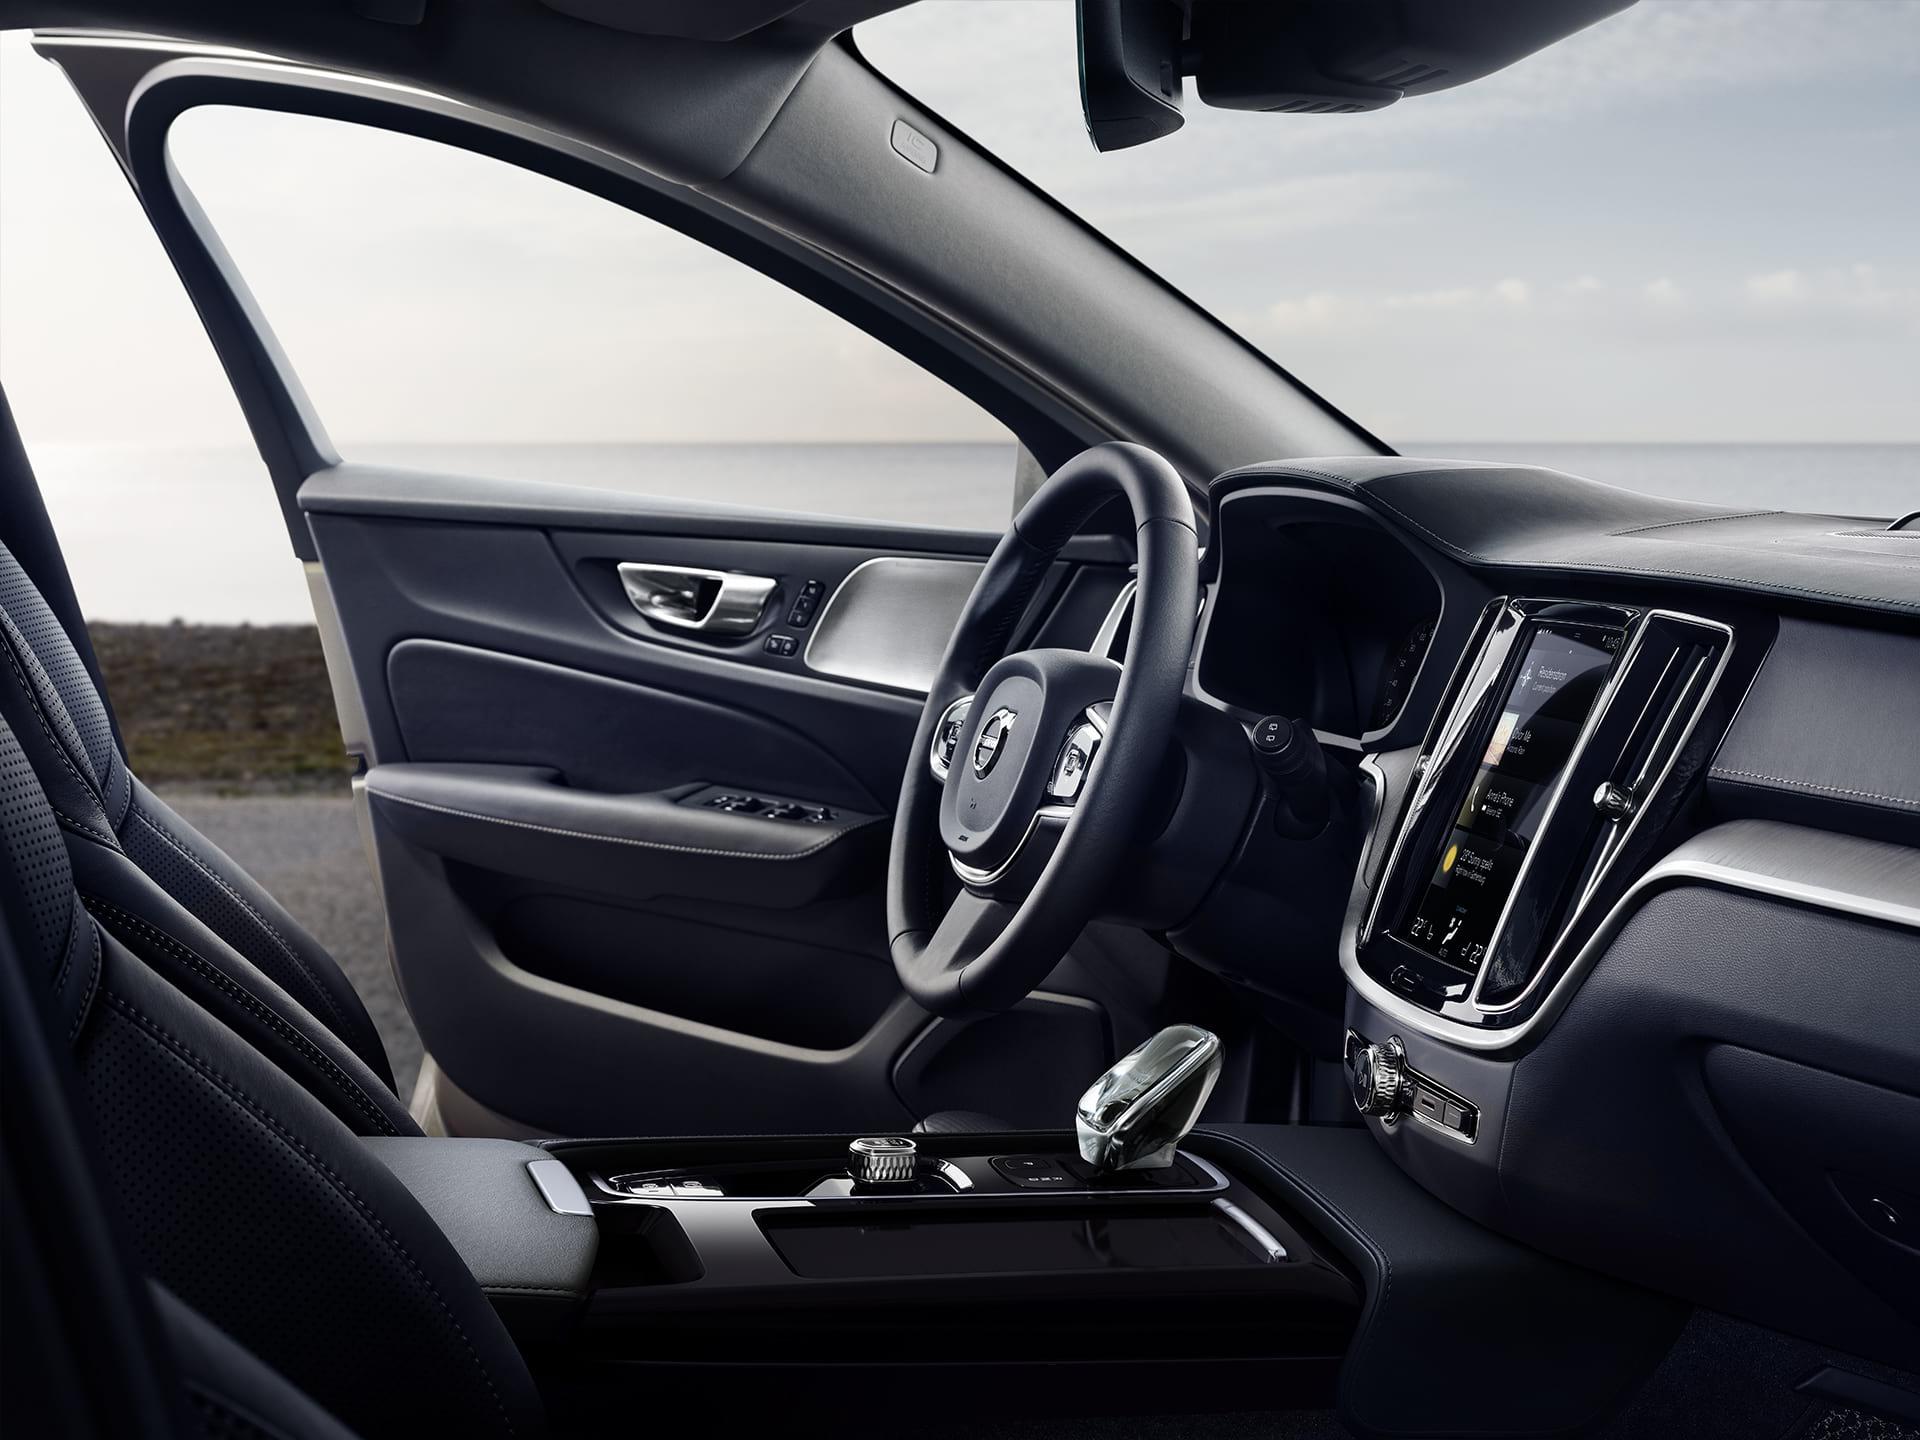 Vorderer Innenraum eines Volvo V60, die Fahrertür ist geöffnet.